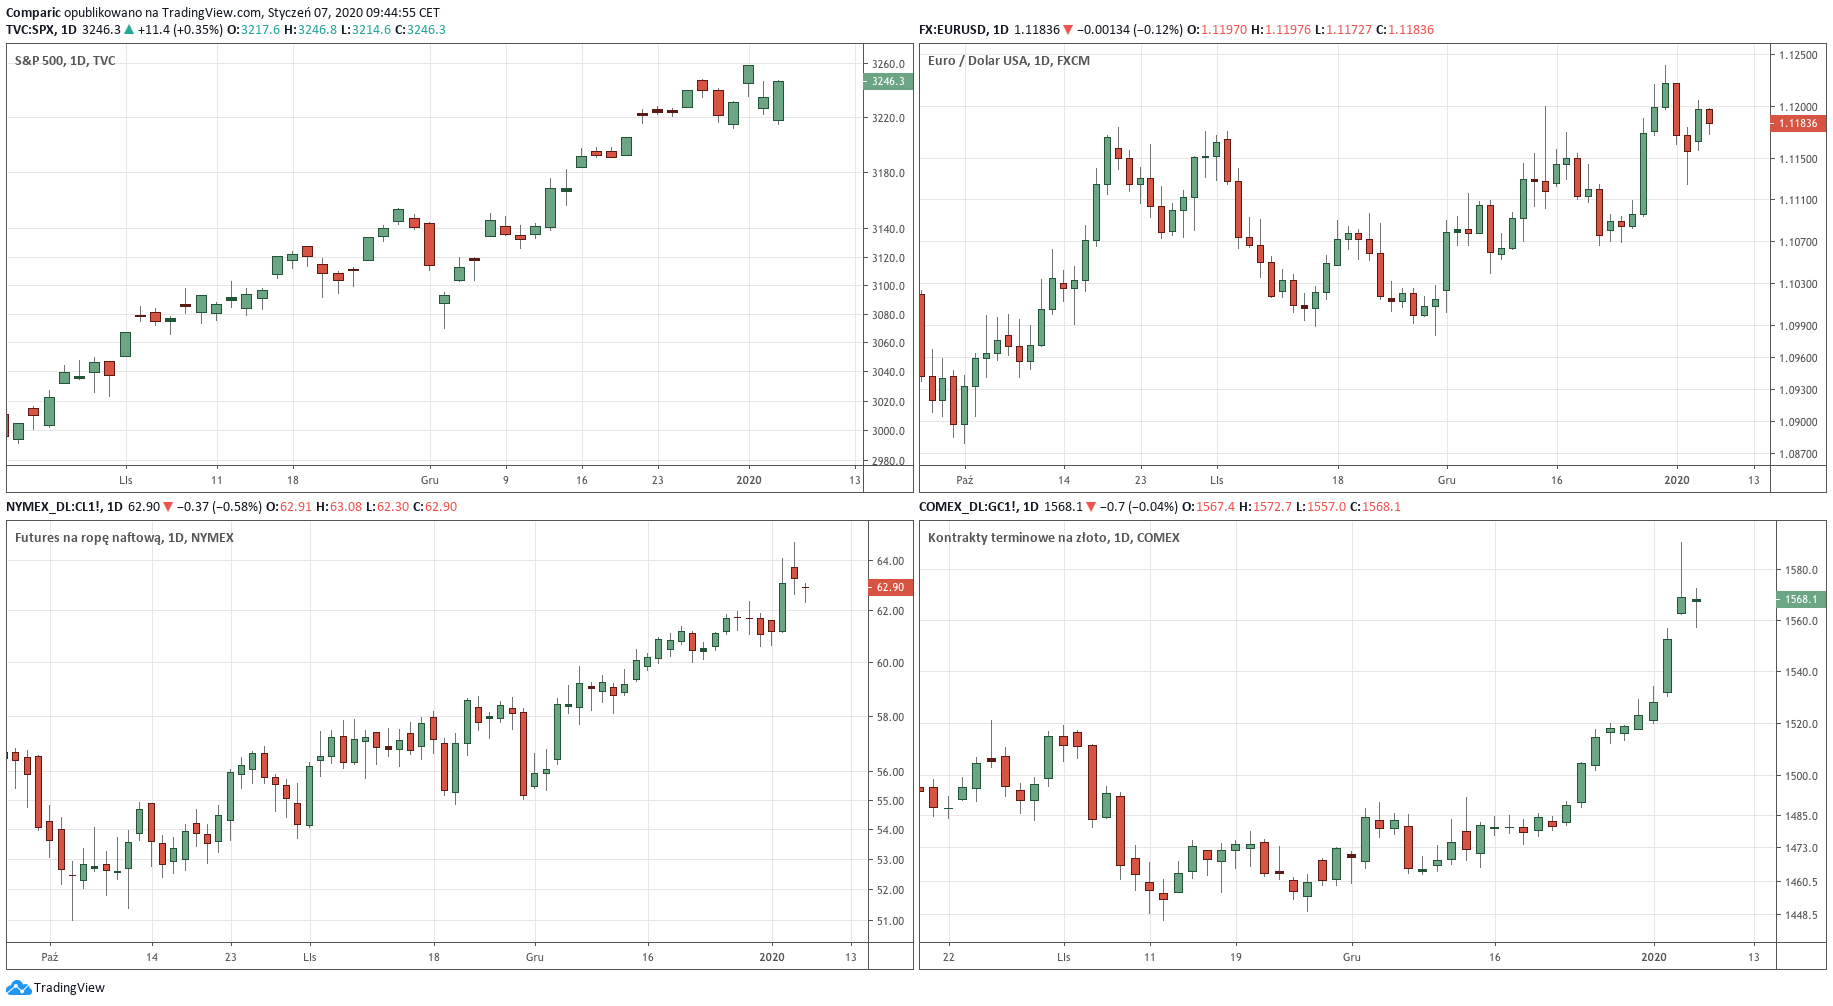 Wykres dzienny S&P 500, EUR/USD, kontraktów terminowych na ropę naftową oraz złoto - 07.01.2020 r.